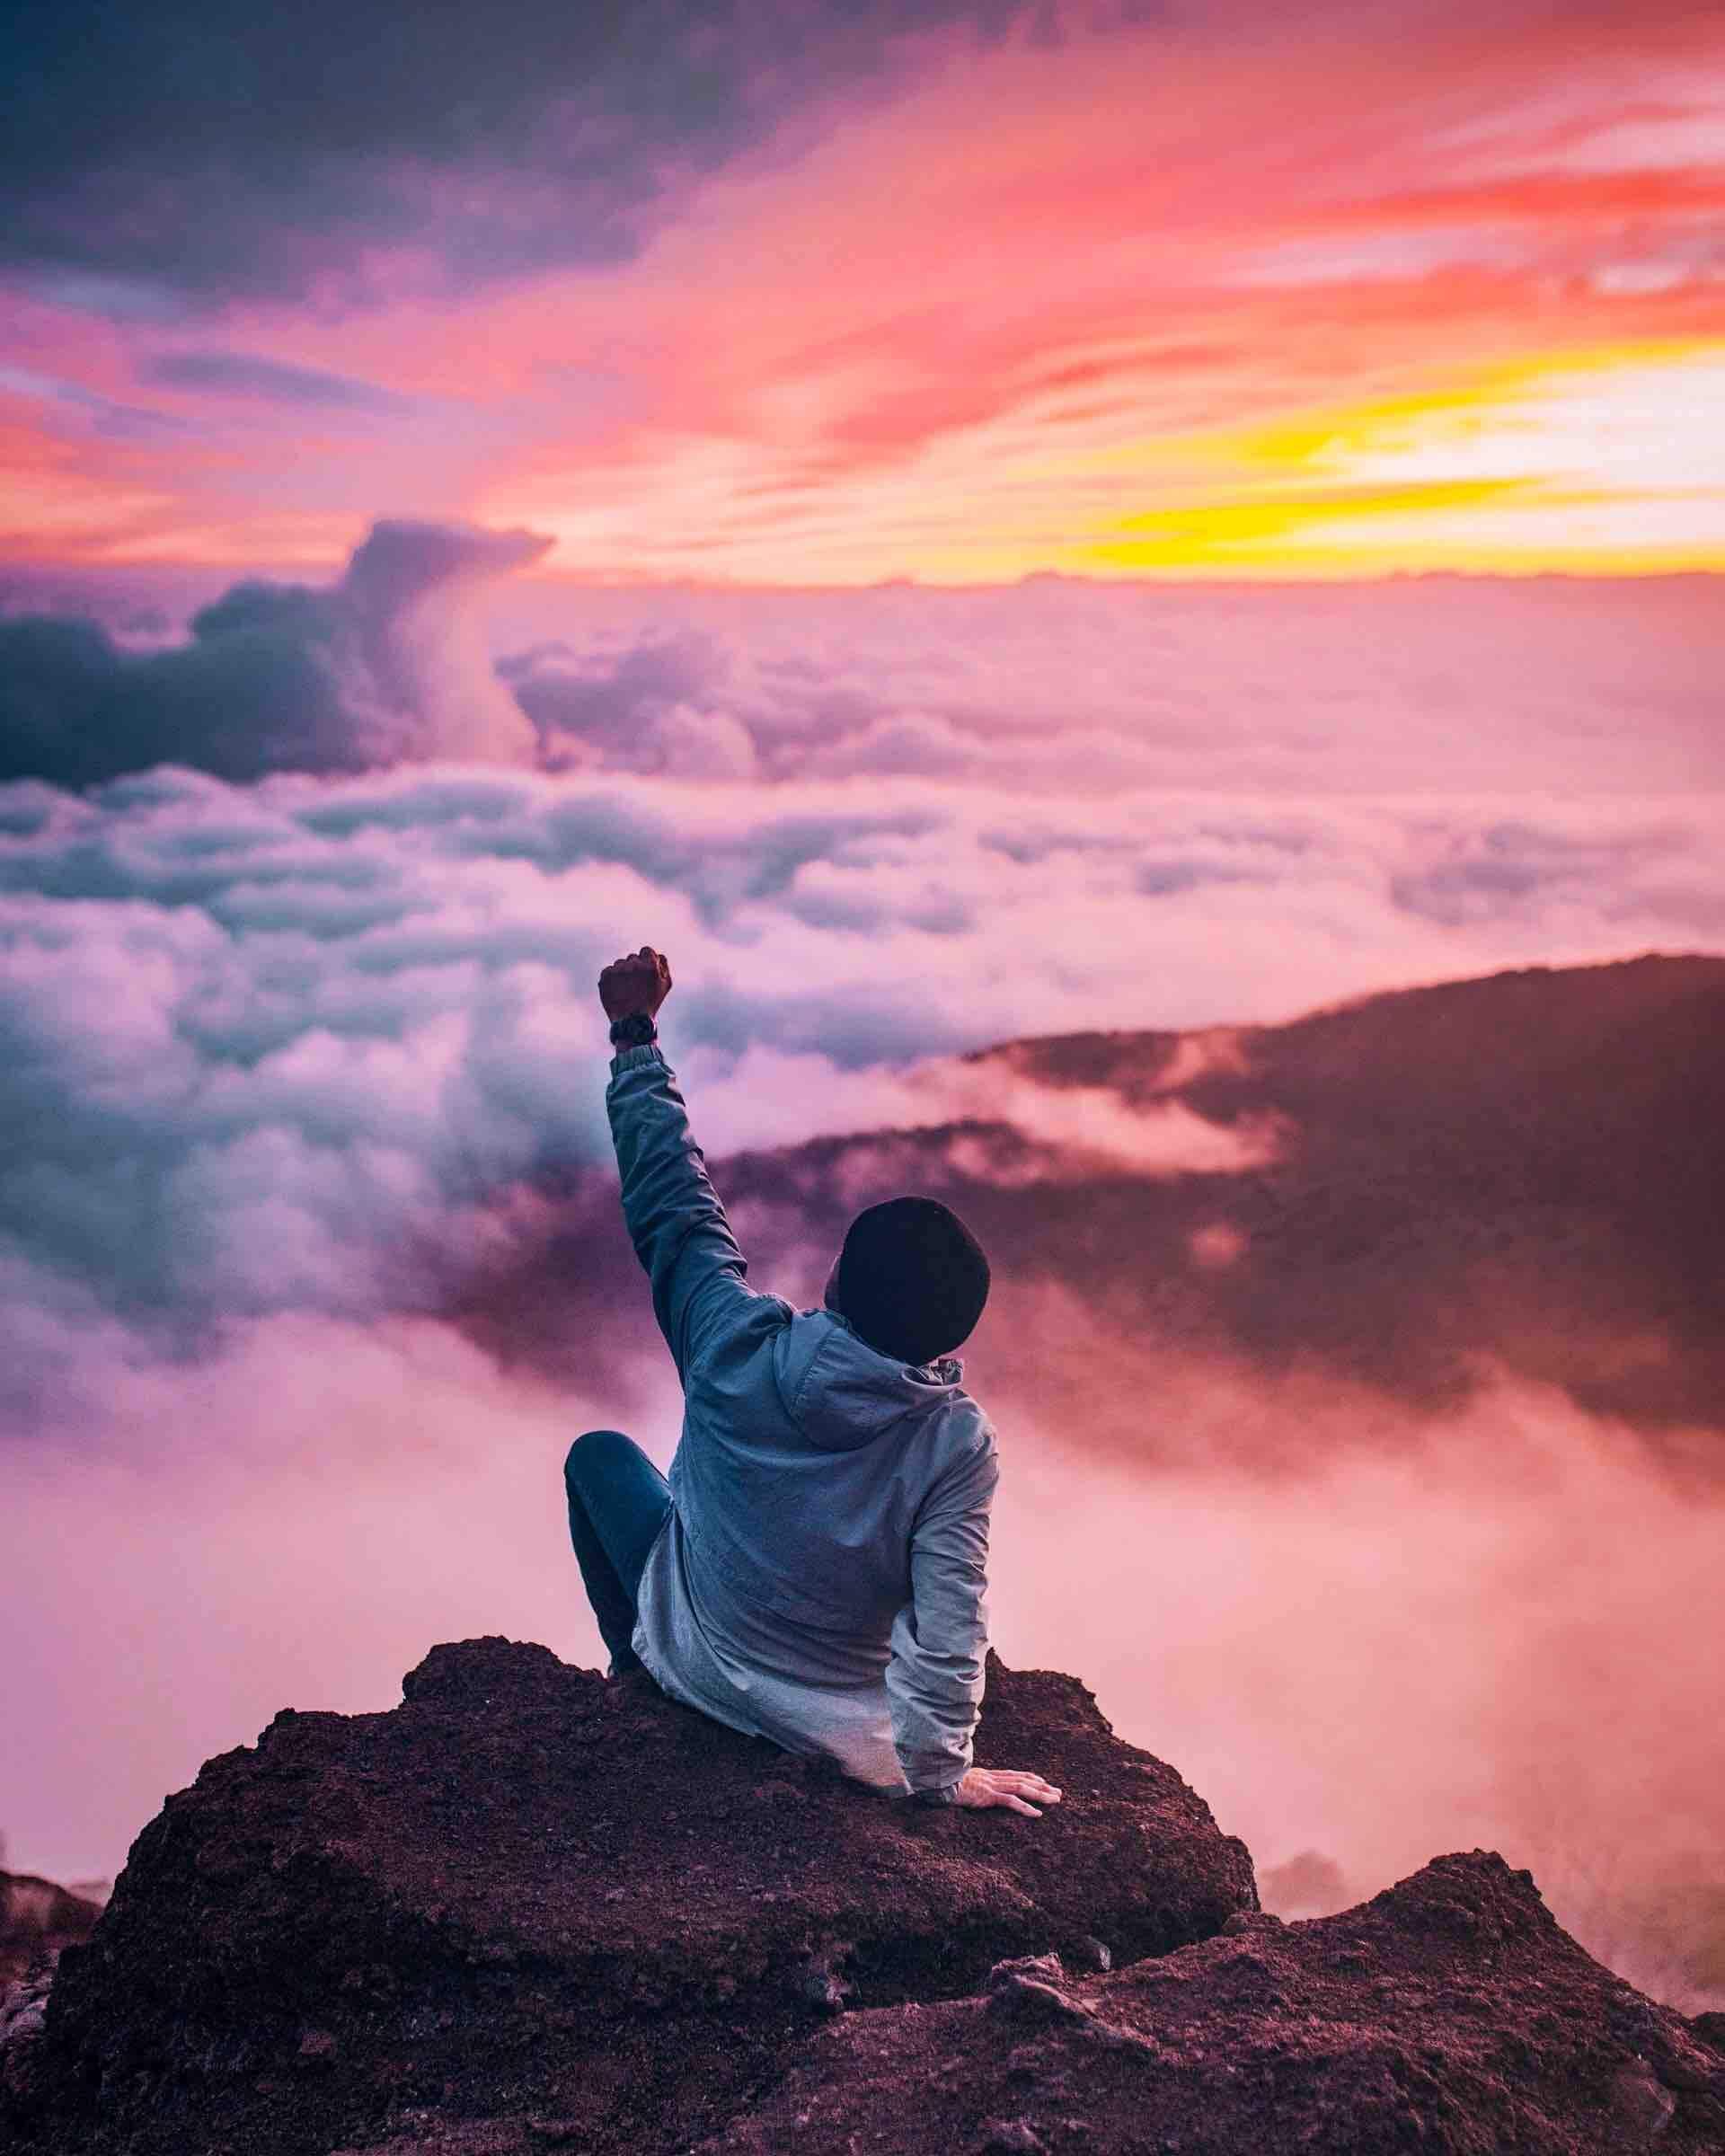 montagne soleil nuages fierté liberté